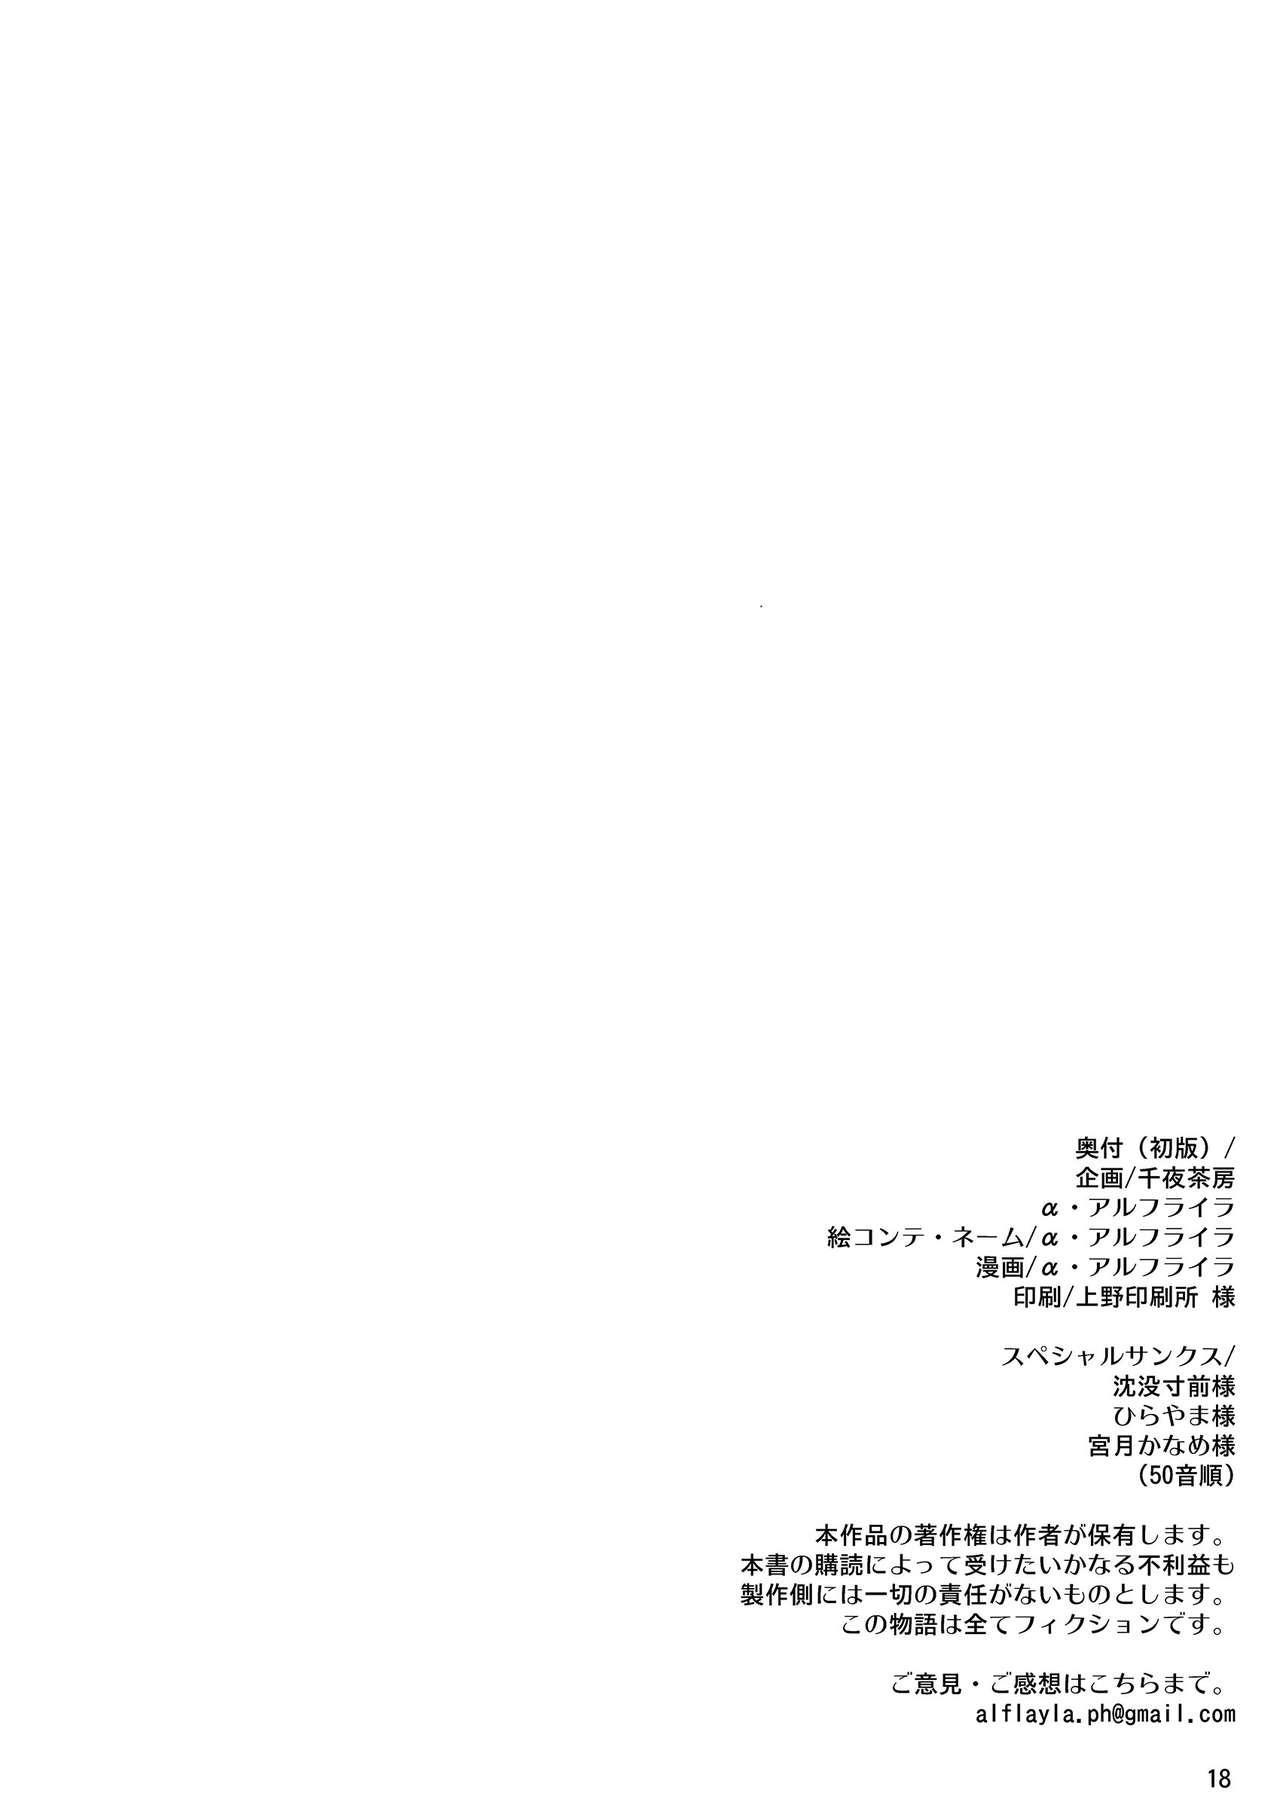 Futanari Onee-san x Otokonoko Gyaku Anal Fuuzoku Mesu Ochi Choukyou 17